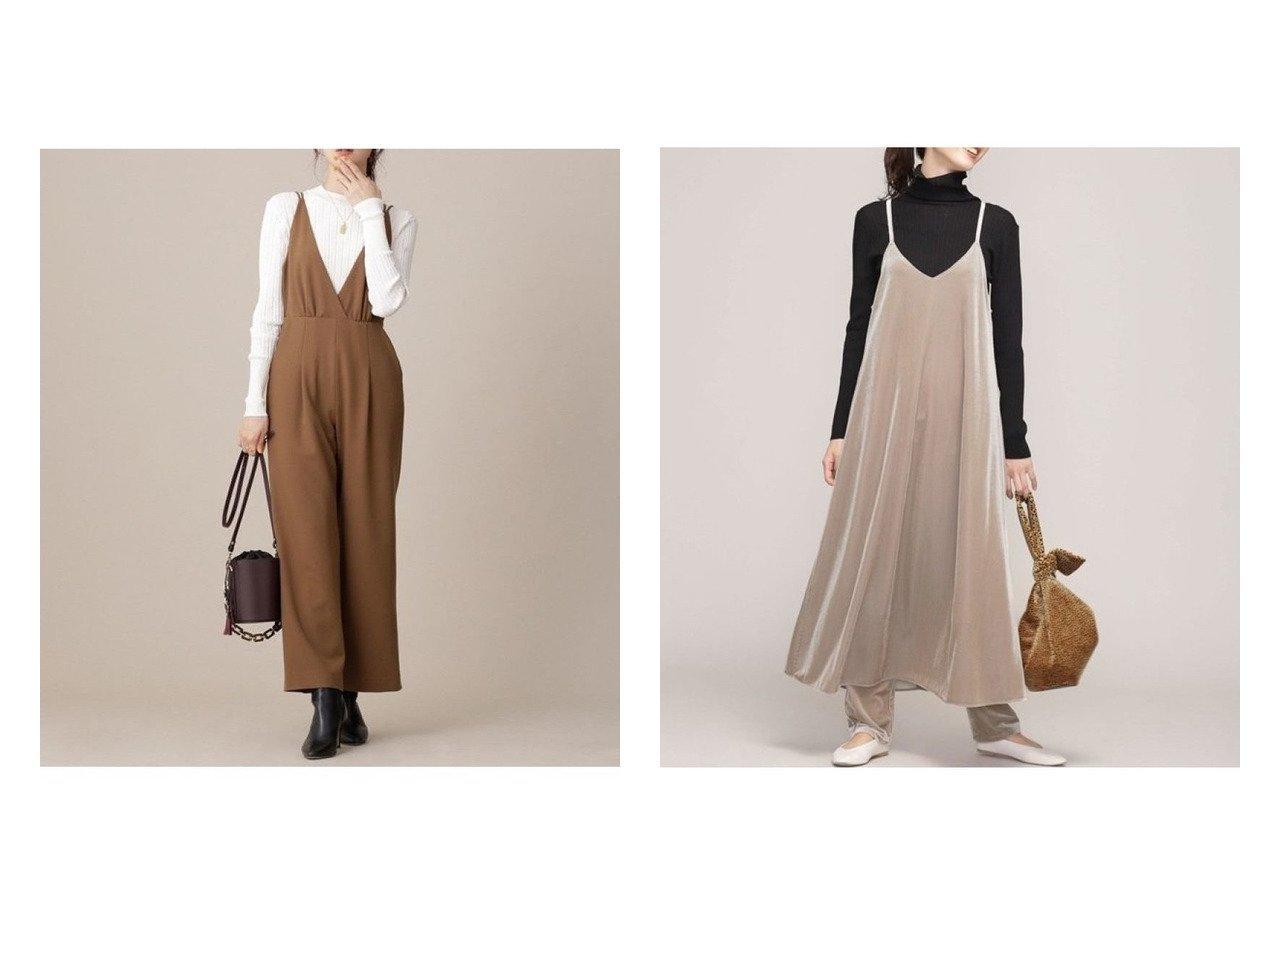 【nano universe/ナノ ユニバース】のキャミロンパース&シアベロアキャミソールワンピース ワンピース・ドレスのおすすめ!人気、レディースファッションの通販 おすすめで人気のファッション通販商品 インテリア・家具・キッズファッション・メンズファッション・レディースファッション・服の通販 founy(ファニー) https://founy.com/ ファッション Fashion レディース WOMEN ワンピース Dress トップス Tops Tshirt キャミソール / ノースリーブ No Sleeves ベロア Velour タートルネック ポケット ロング インナー ウォッシャブル カットソー キャミワンピース シャイニー セットアップ トレンド フレア リボン 秋冬 A/W Autumn/ Winter |ID:crp329100000002959